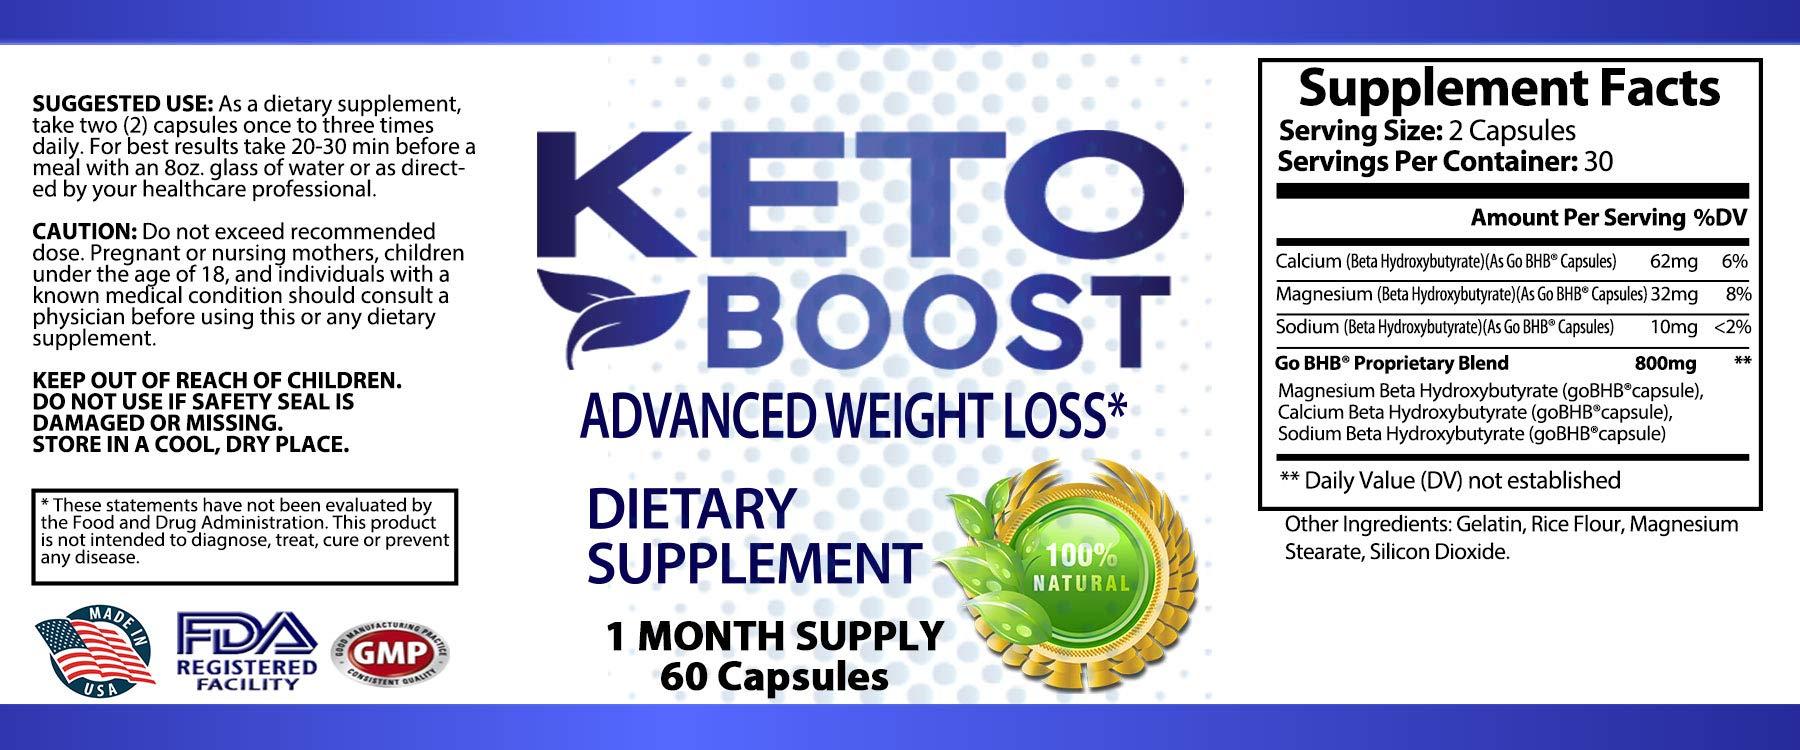 Keto Diet Pills**6 Month Supply** by WeightLossDietDr